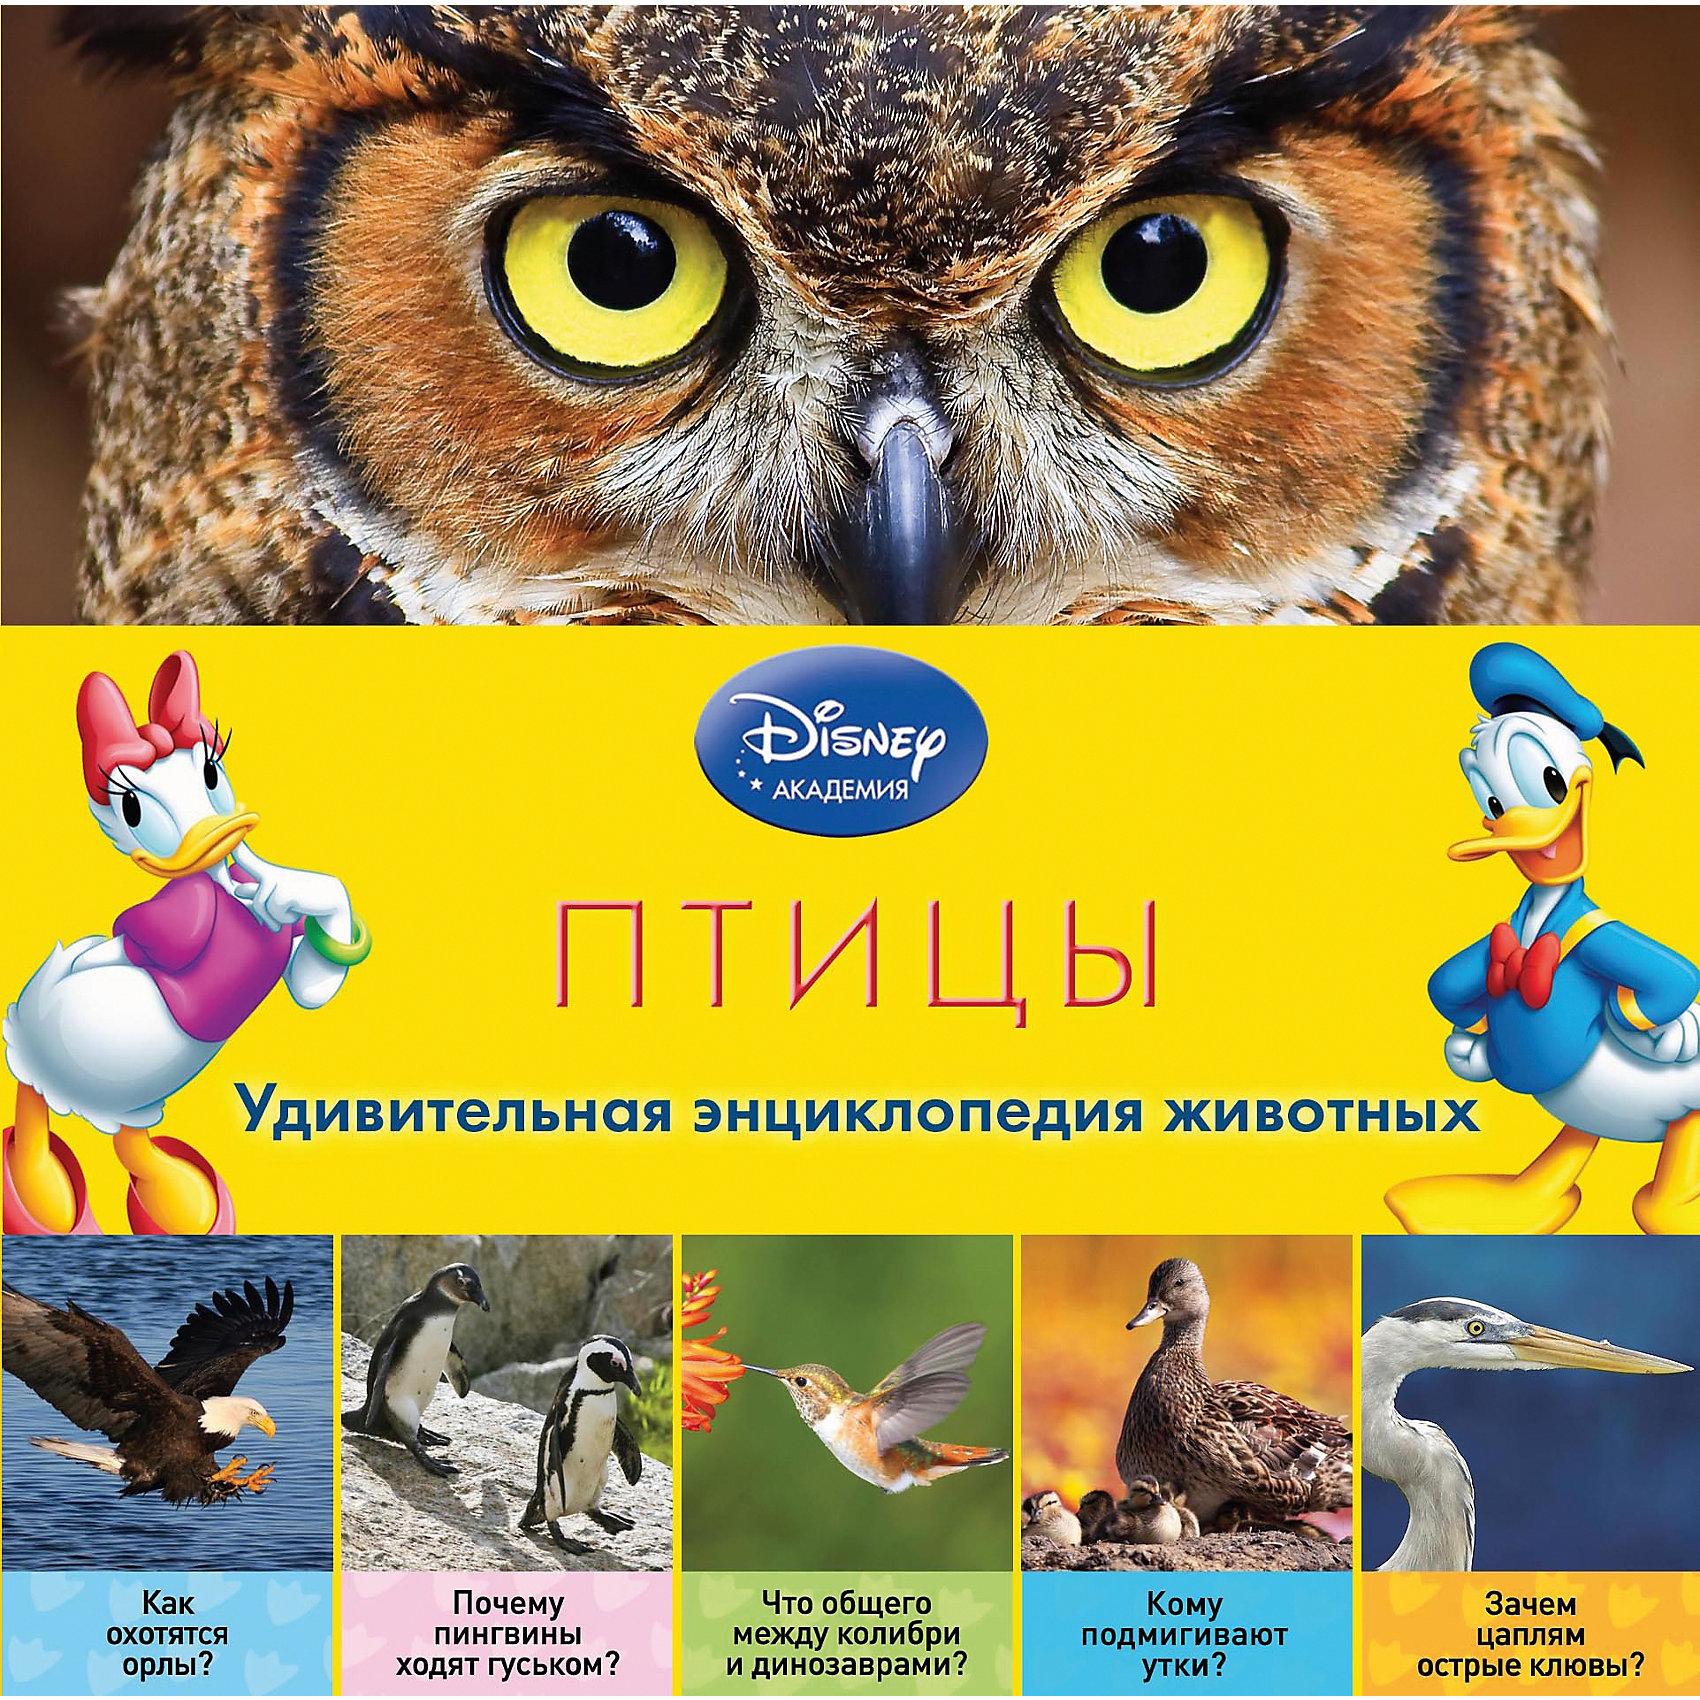 Первая энциколпедия Птицы, DisneyГерои Disney приглашают маленьких читателей в чудесный мир птиц! В компании любимых персонажей ребёнок узнает о том, зачем птичкам перья и клювы, как они вьют гнёзда, почему страусы прячут головы в песок, бывают ли подземные пернатые… Малыша ждут не только любопытнейшие факты, изложенные доступным и увлекательным языком, но и восхитительные фотографии – большие, яркие и красочные! Благодаря этой книге, ребёнок разовьёт познавательные способности, кругозор и структурное мышление, а также получит первый опыт работы с энциклопедической литературой.<br><br>Дополнительная информация:<br><br>- Переводчик: Тихменева М.<br>- Редактор: Жилинская А.<br>- Формат: 21,5х21,5 см.<br>- Переплет: твердый.<br>- Количество страниц: 40 <br>- Иллюстрации: цветные.<br><br>Книгу Птицы (2-е издание) можно купить в нашем магазине.<br><br>Ширина мм: 210<br>Глубина мм: 210<br>Высота мм: 8<br>Вес г: 324<br>Возраст от месяцев: 36<br>Возраст до месяцев: 72<br>Пол: Унисекс<br>Возраст: Детский<br>SKU: 4414961